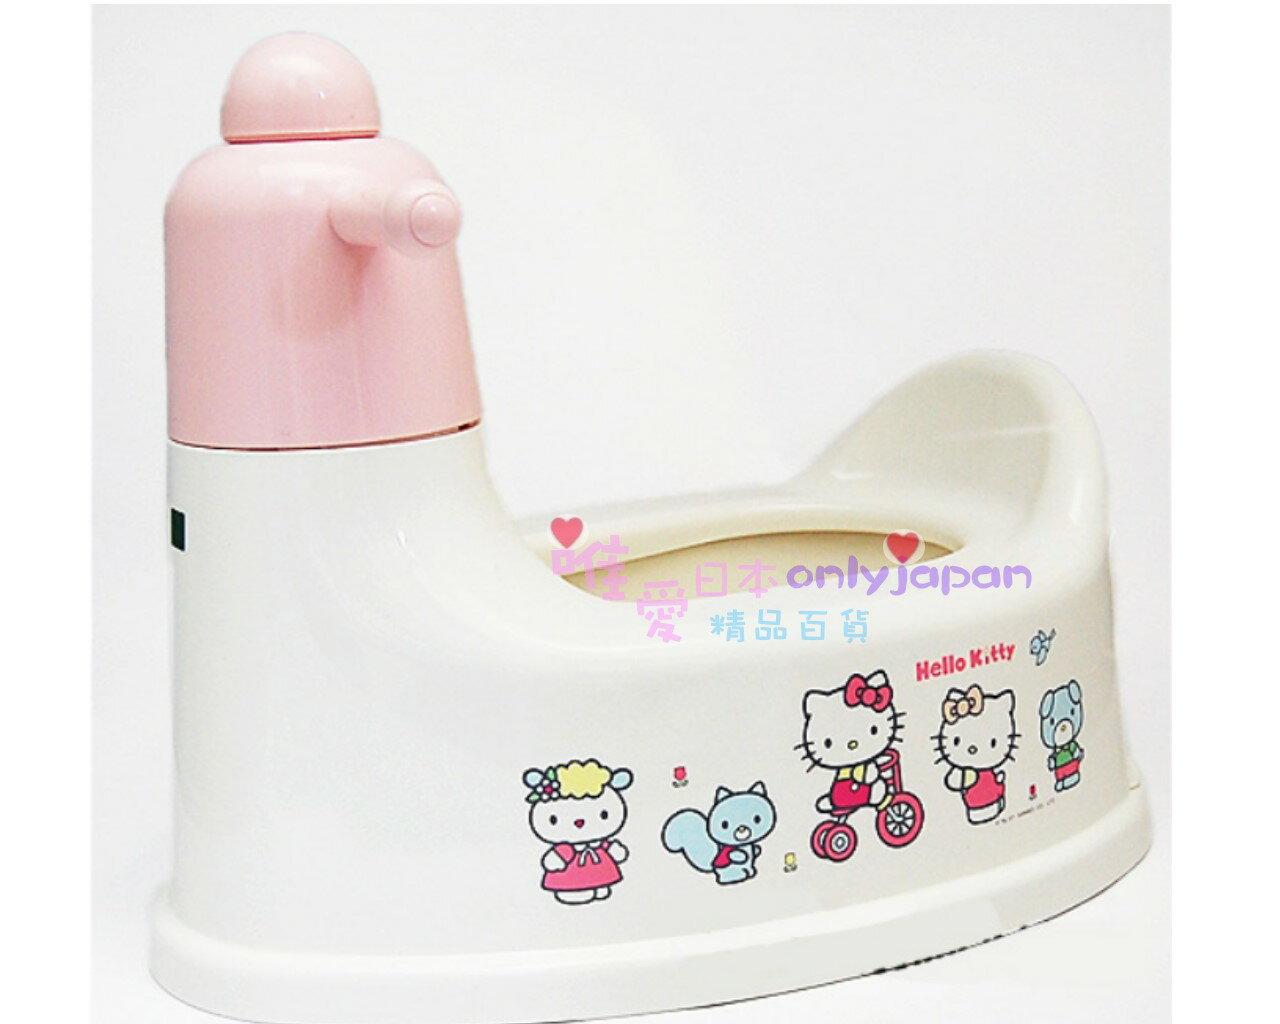 【真愛日本】7070600013 幼兒騎座式便器 三麗鷗Hello kitty家族凱蒂貓 幼兒騎座式便器 便盆